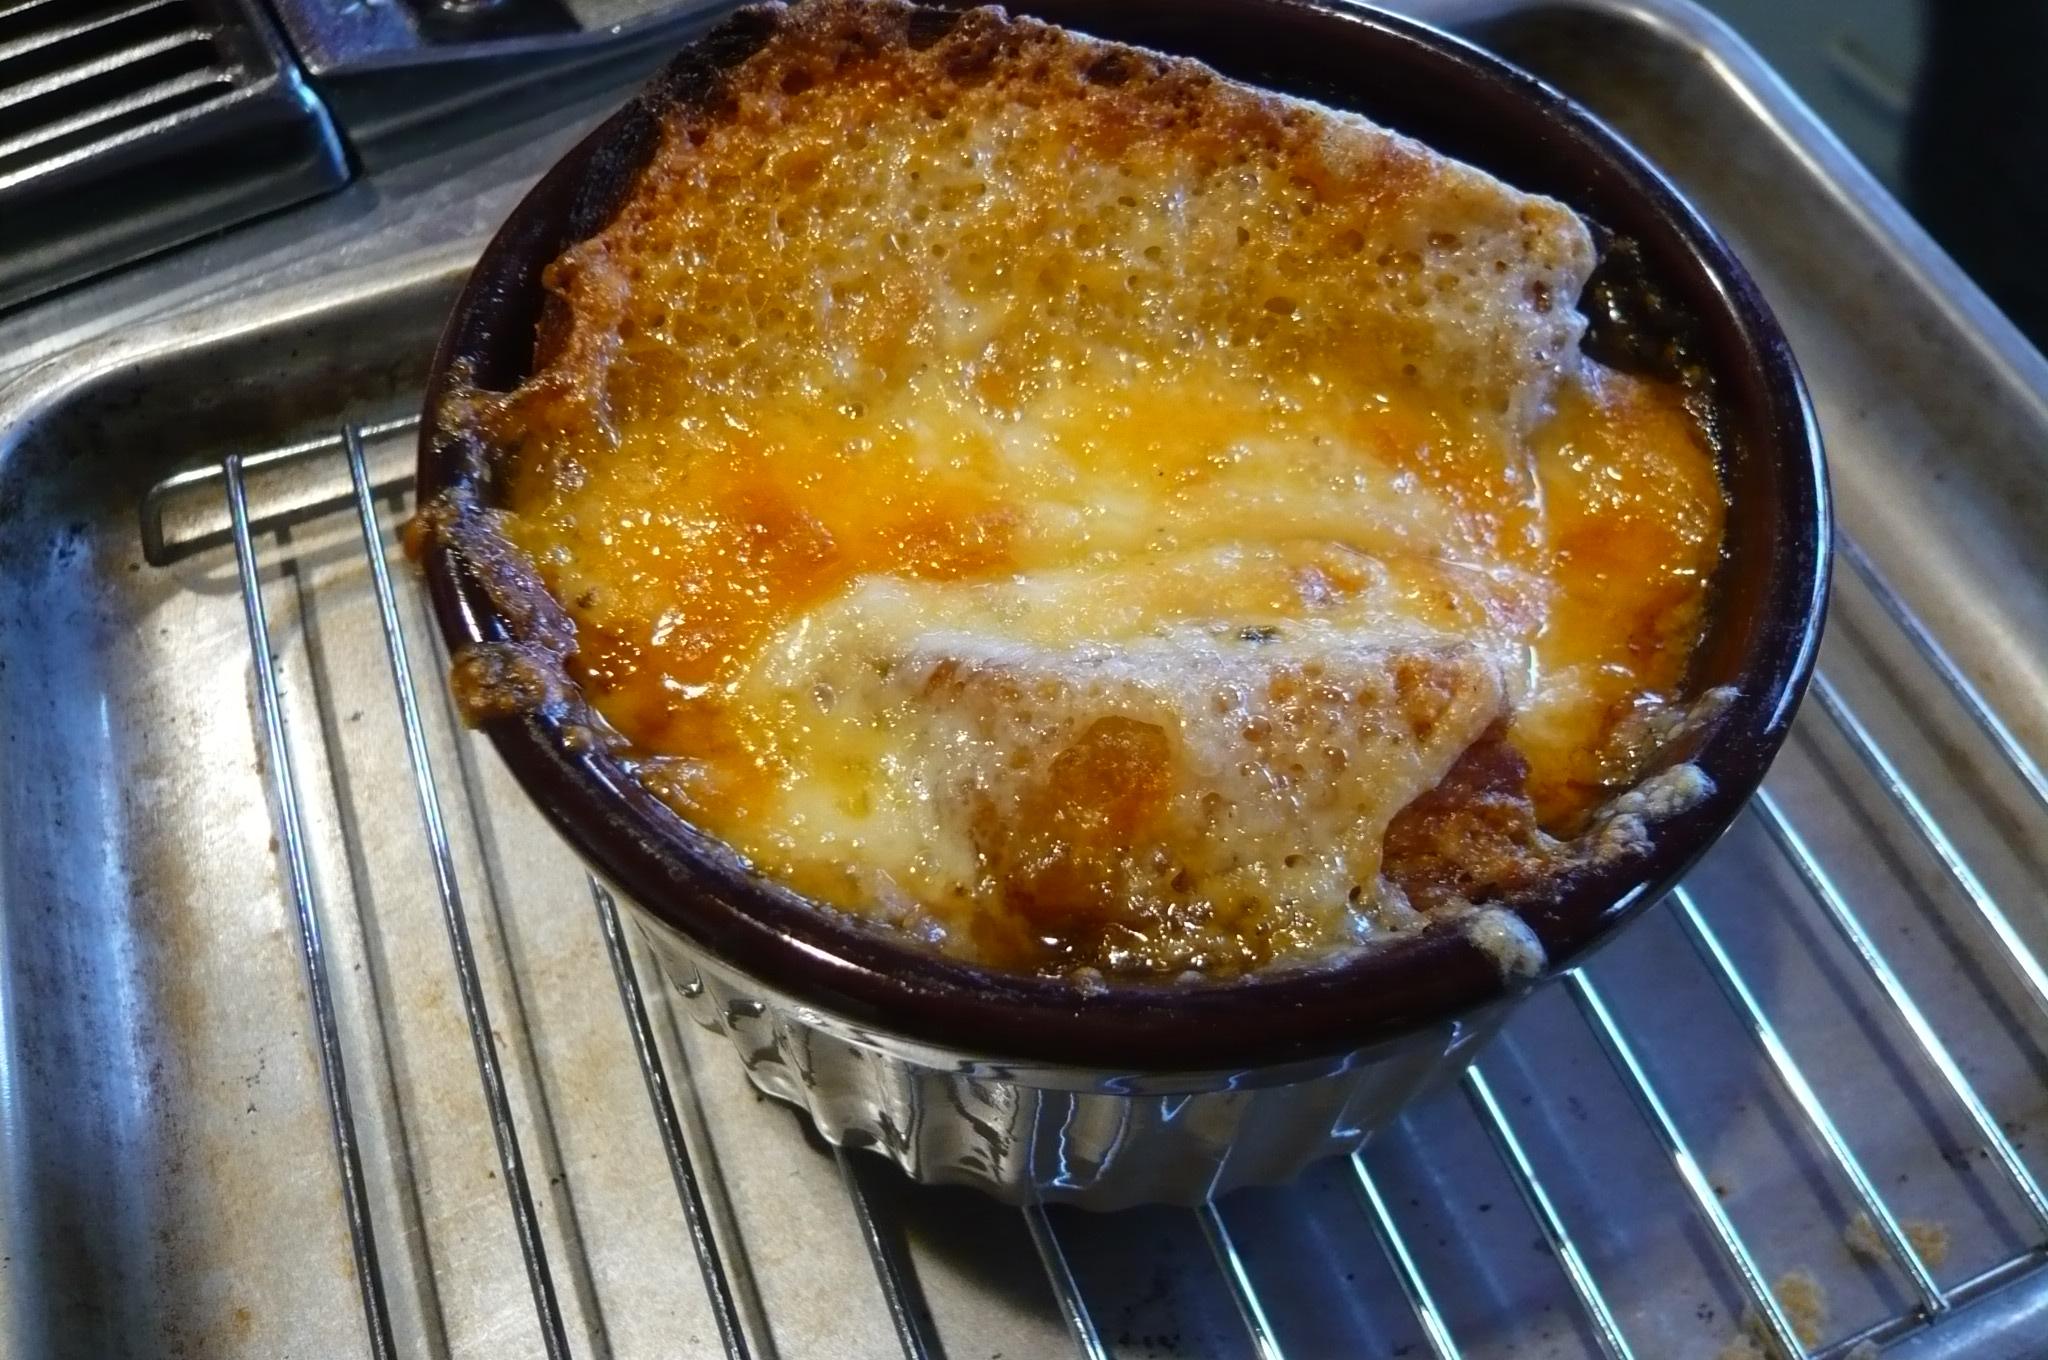 American French Onion Soup Jan Mowbray